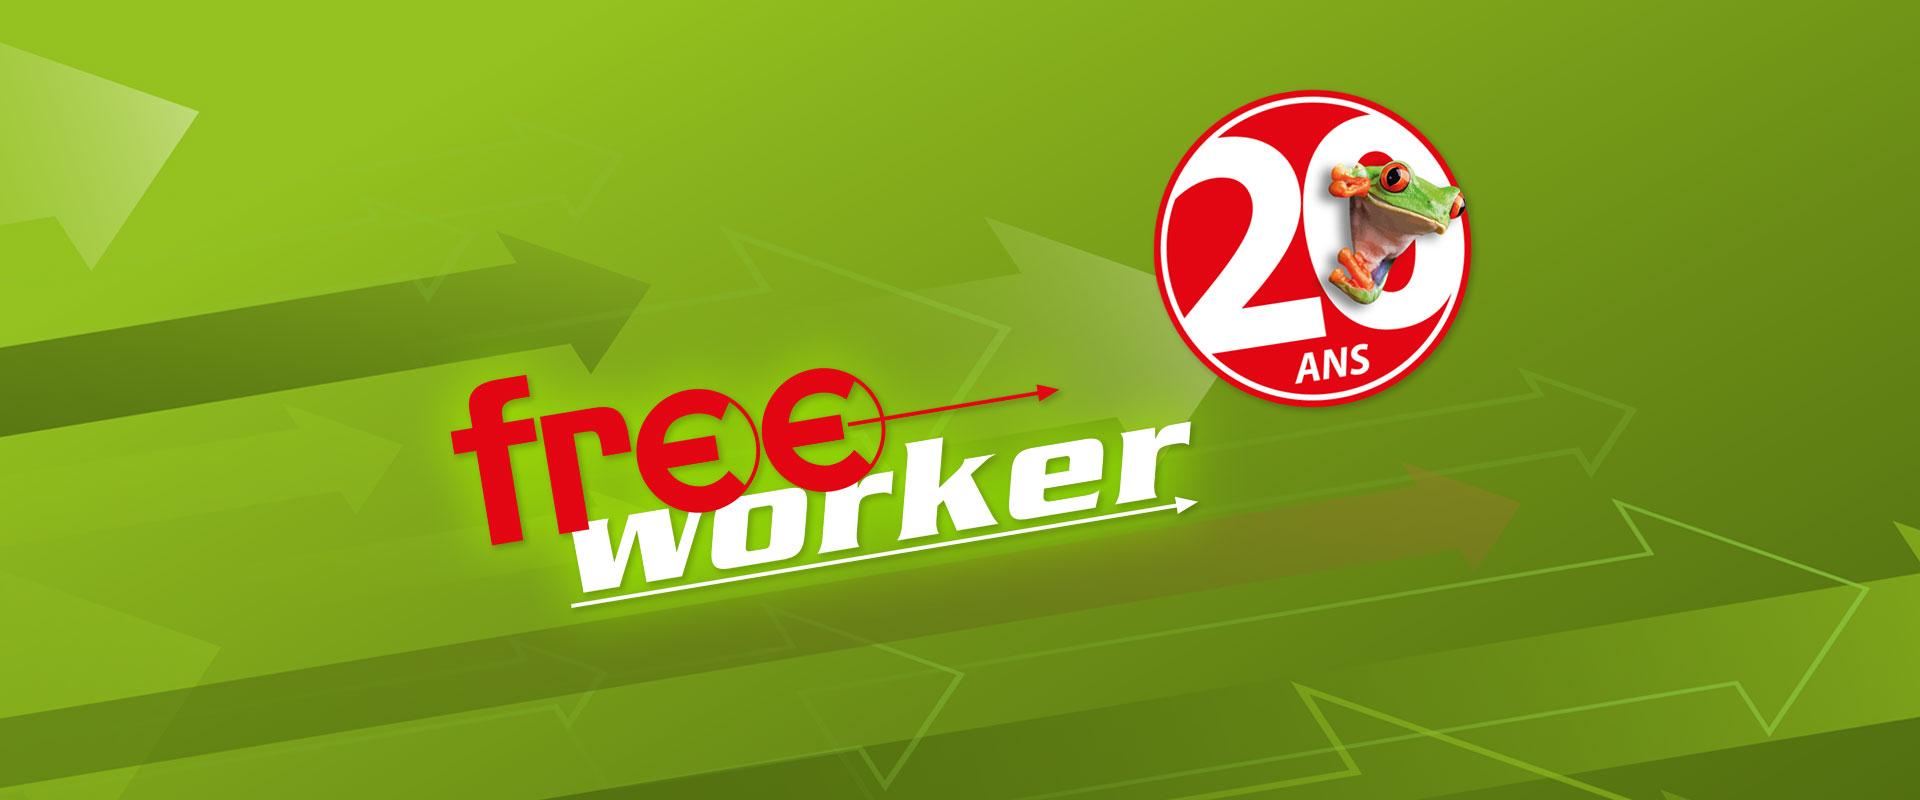 Freeworker - 20 ans partenaire des arboristes